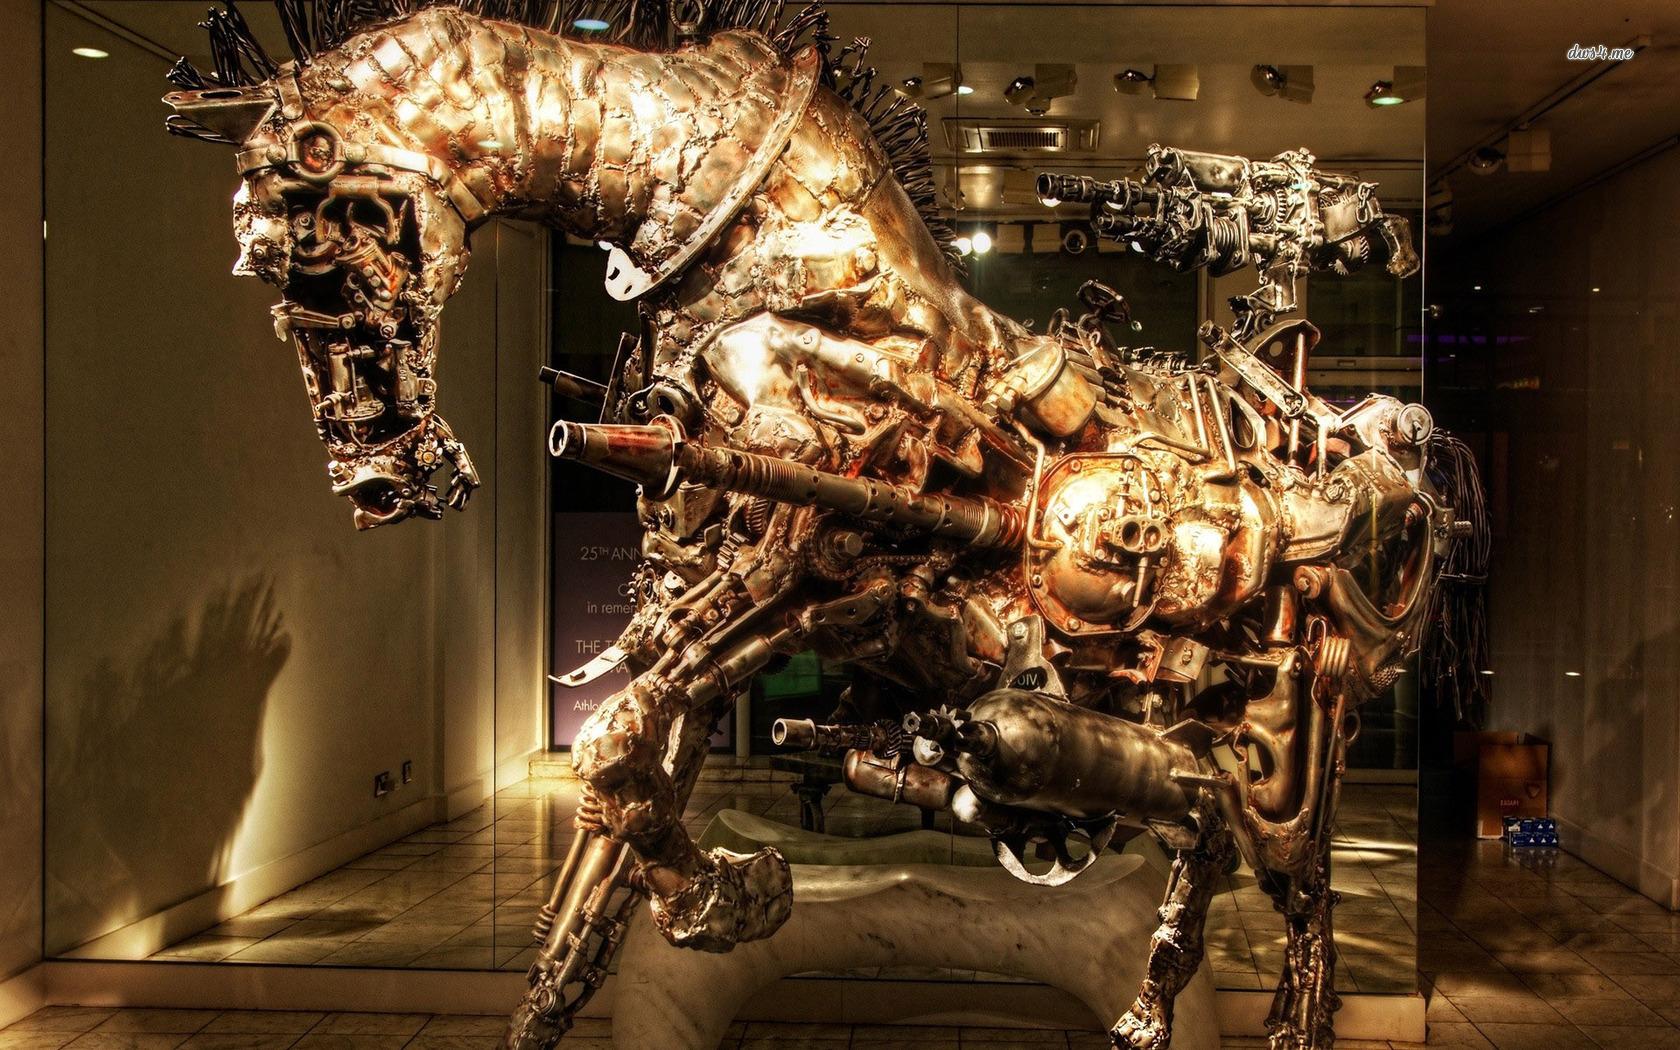 Popular Wallpaper Horse Steampunk - mechanical-horse-steampunk_desktopwallpapers4me  Gallery_346528.jpg